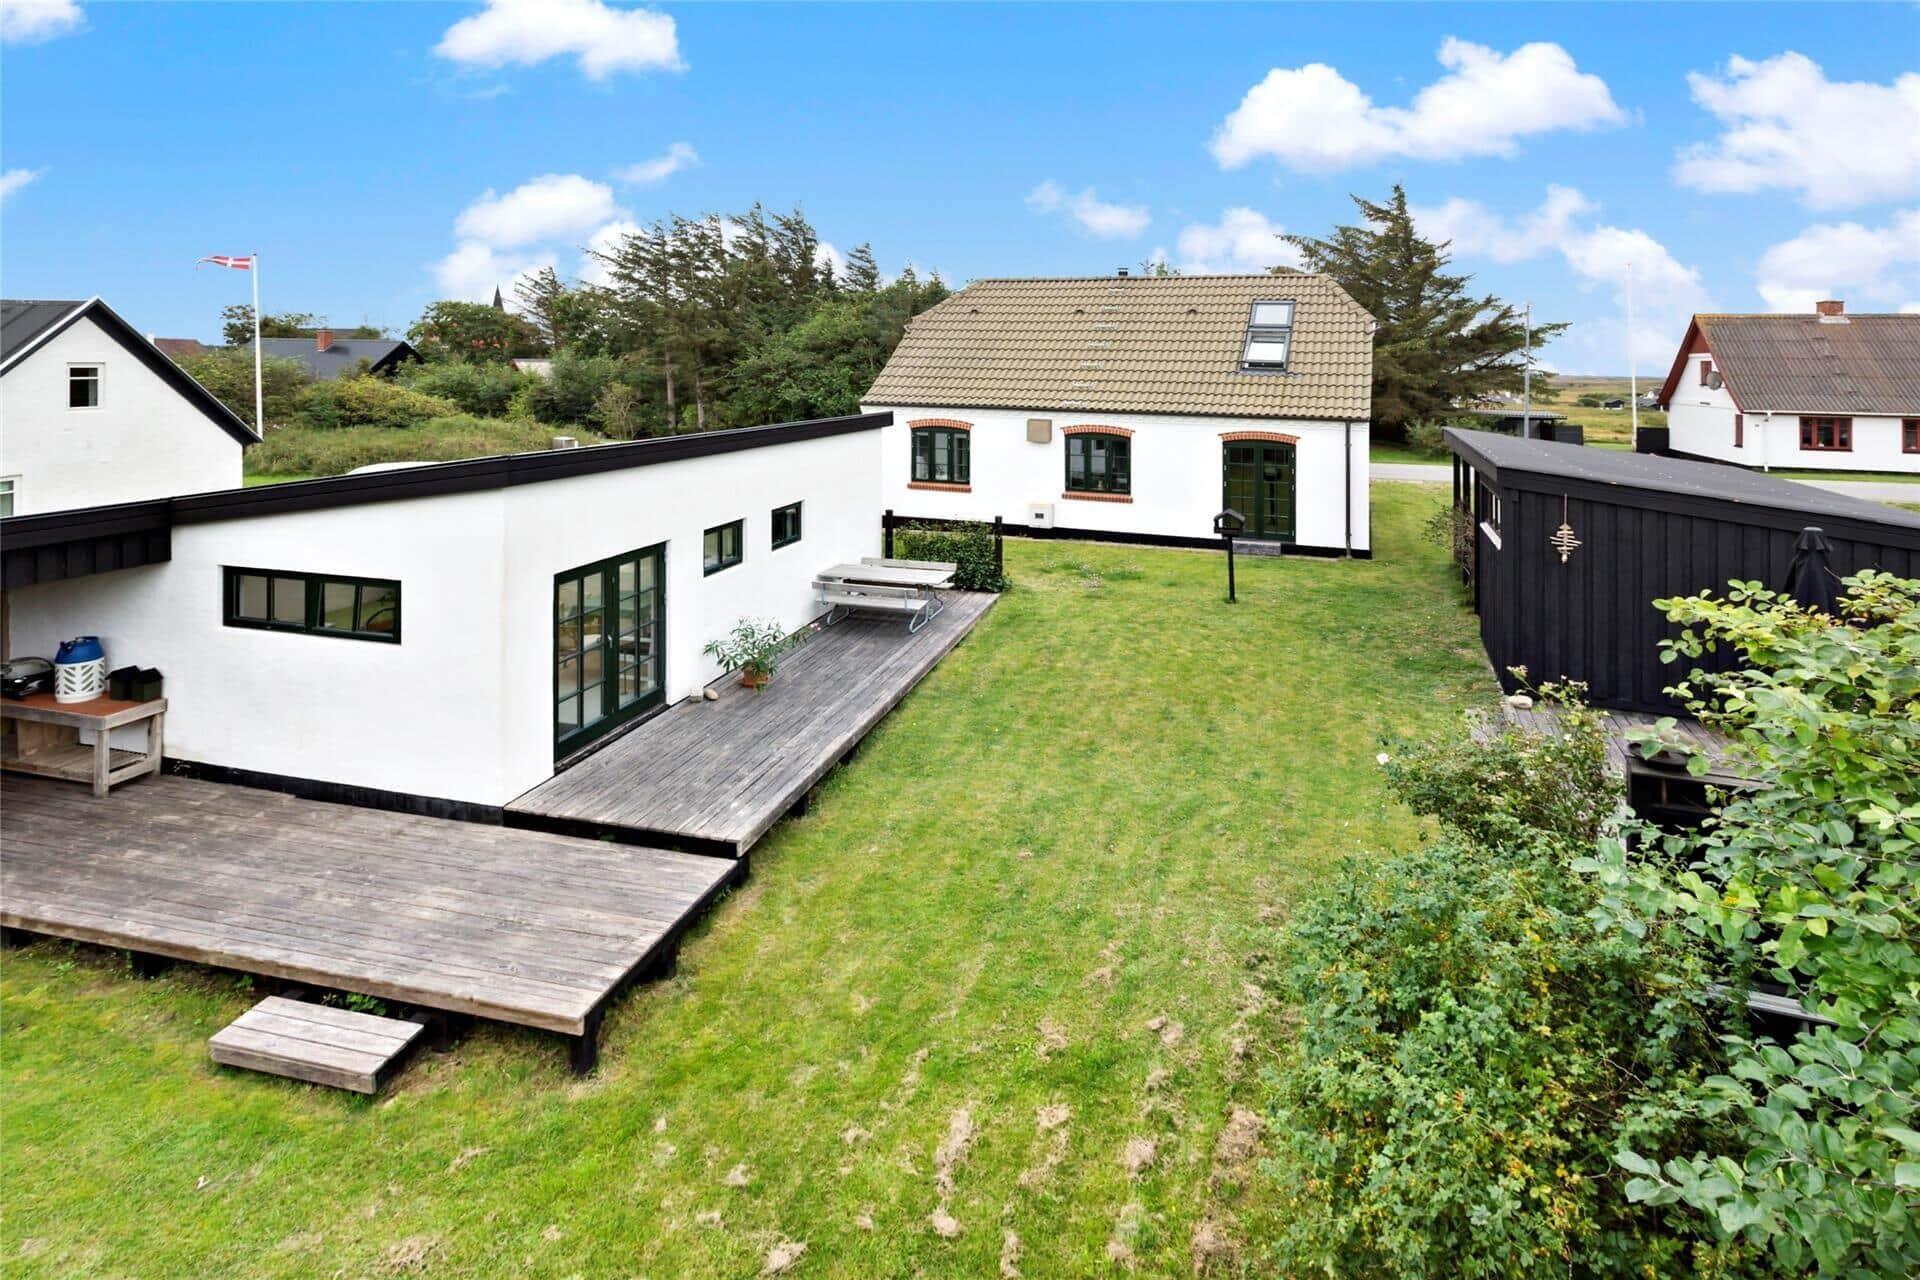 Billede 1-13 Sommerhus 126, Stenbjerg Kirkevej 52, DK - 7752 Snedsted